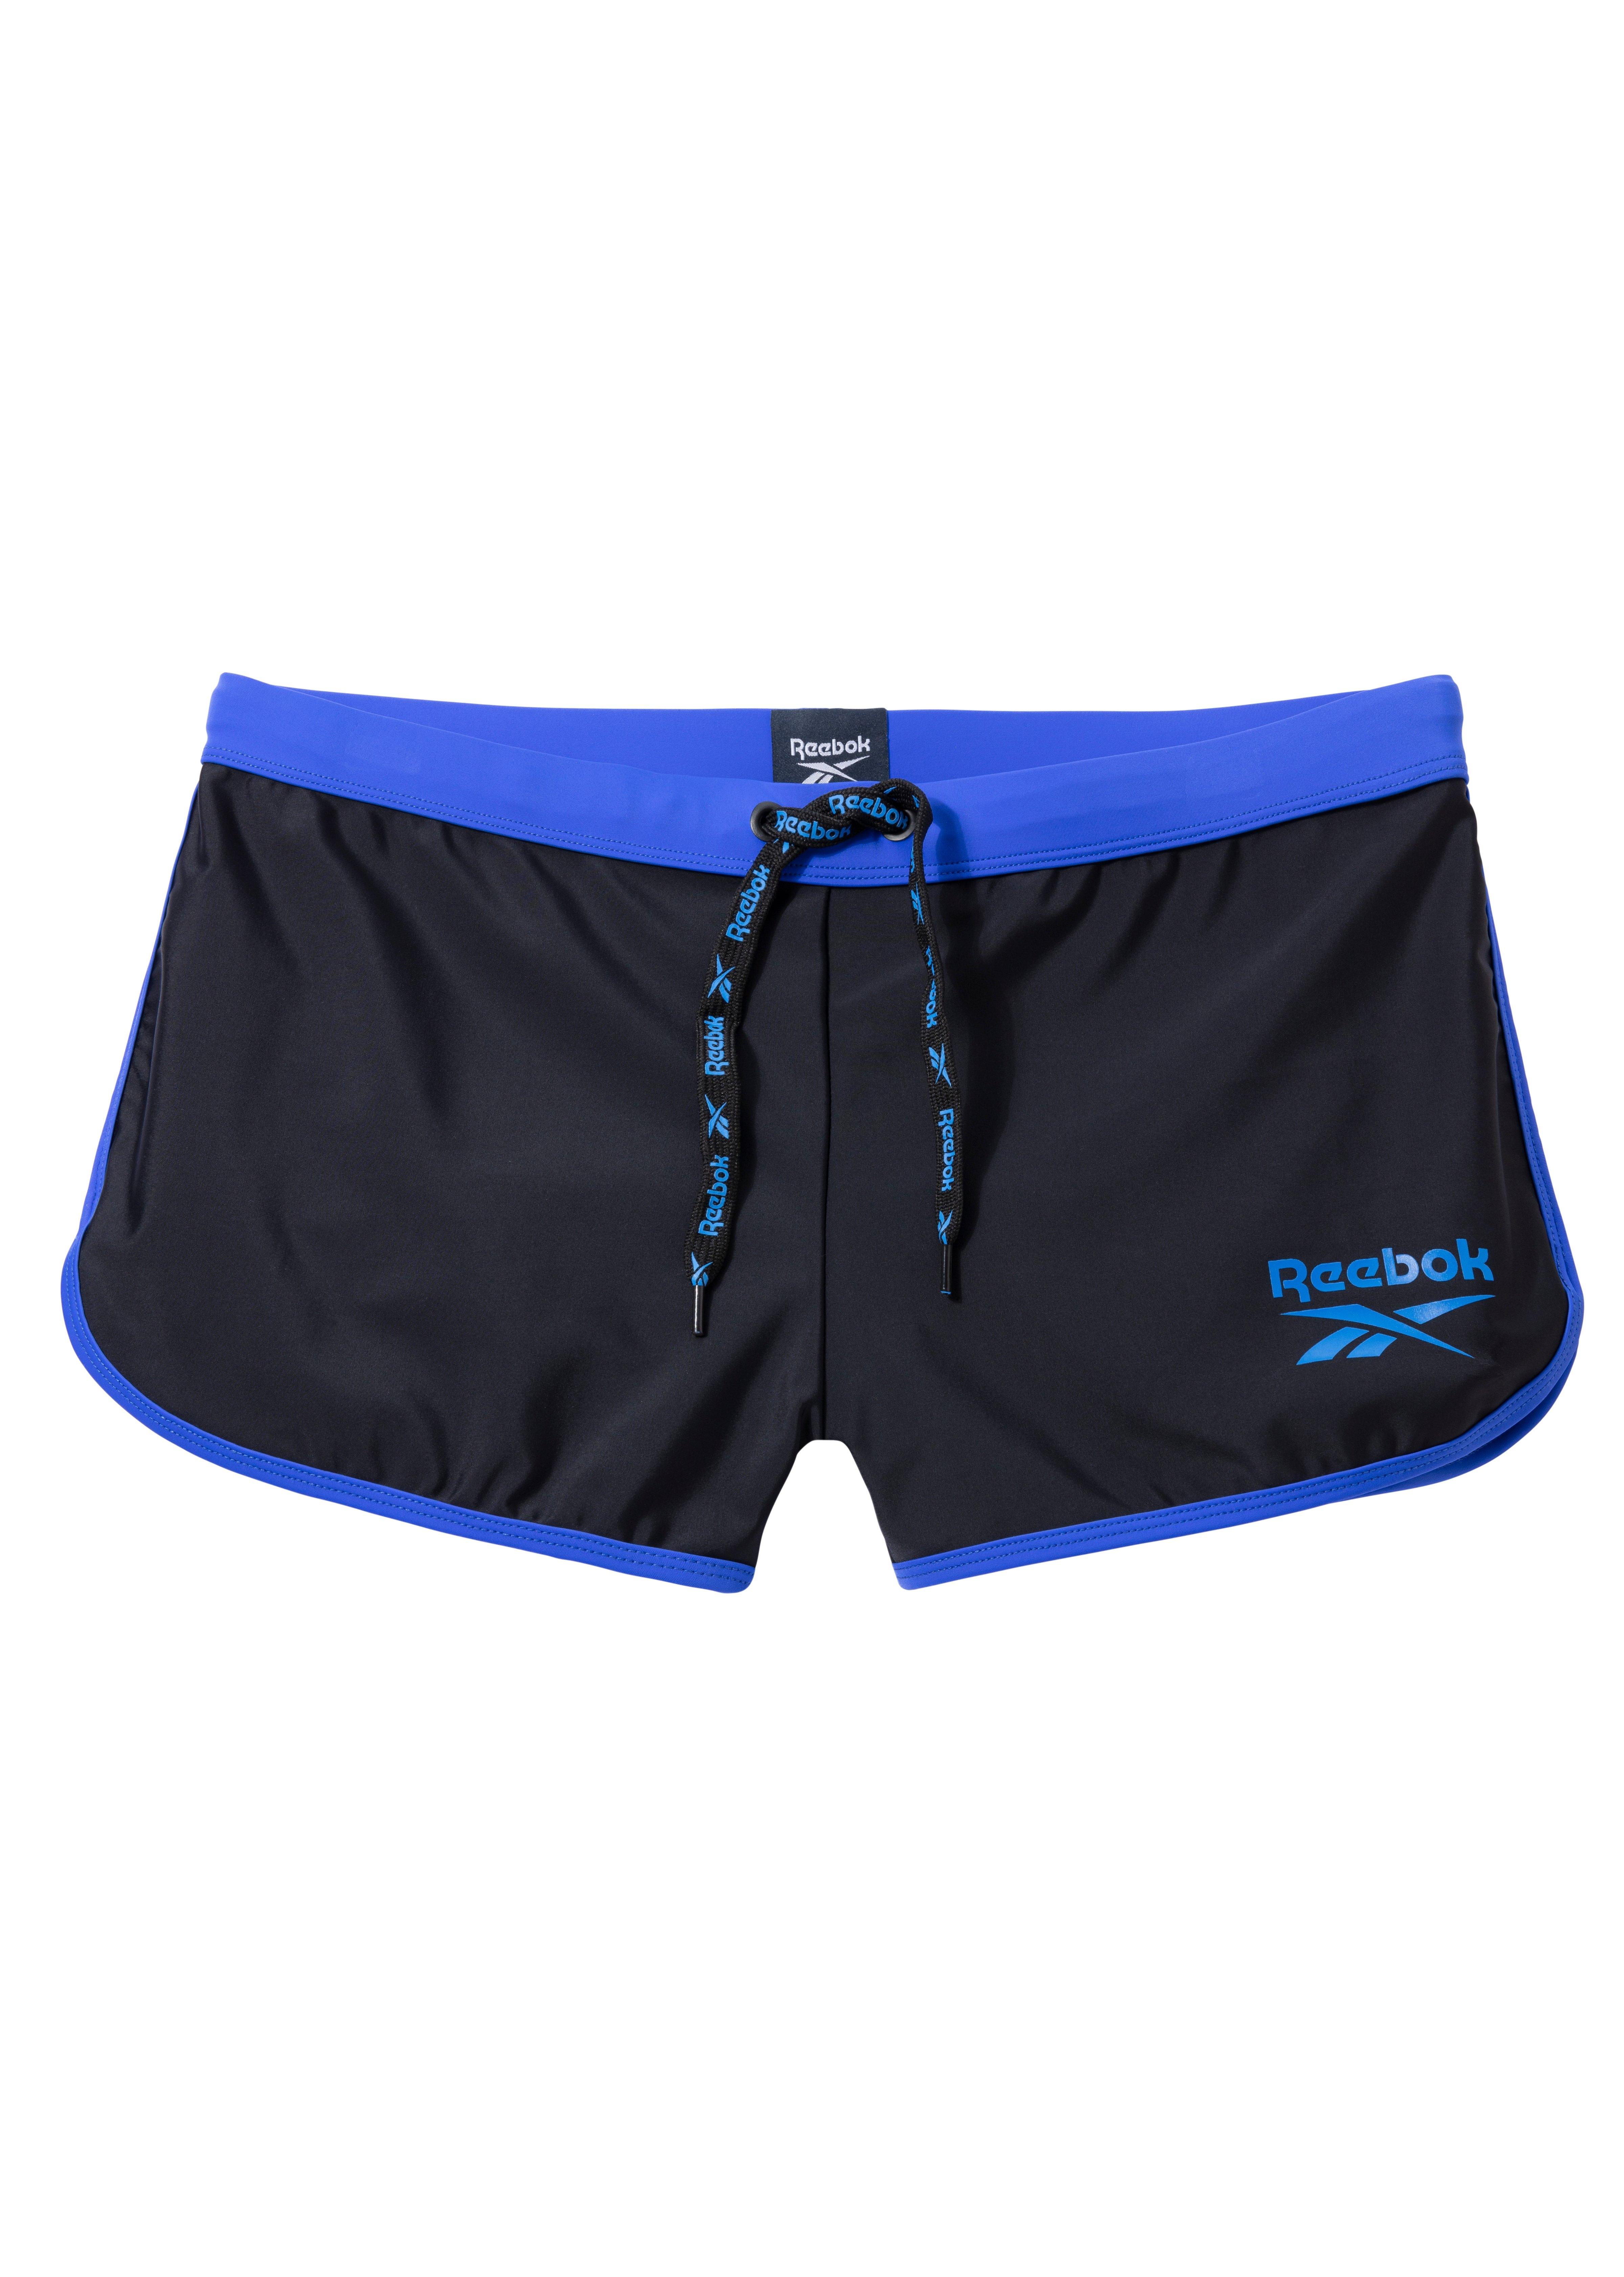 Reebok zwemboxer met contrastdetails goedkoop op otto.nl kopen